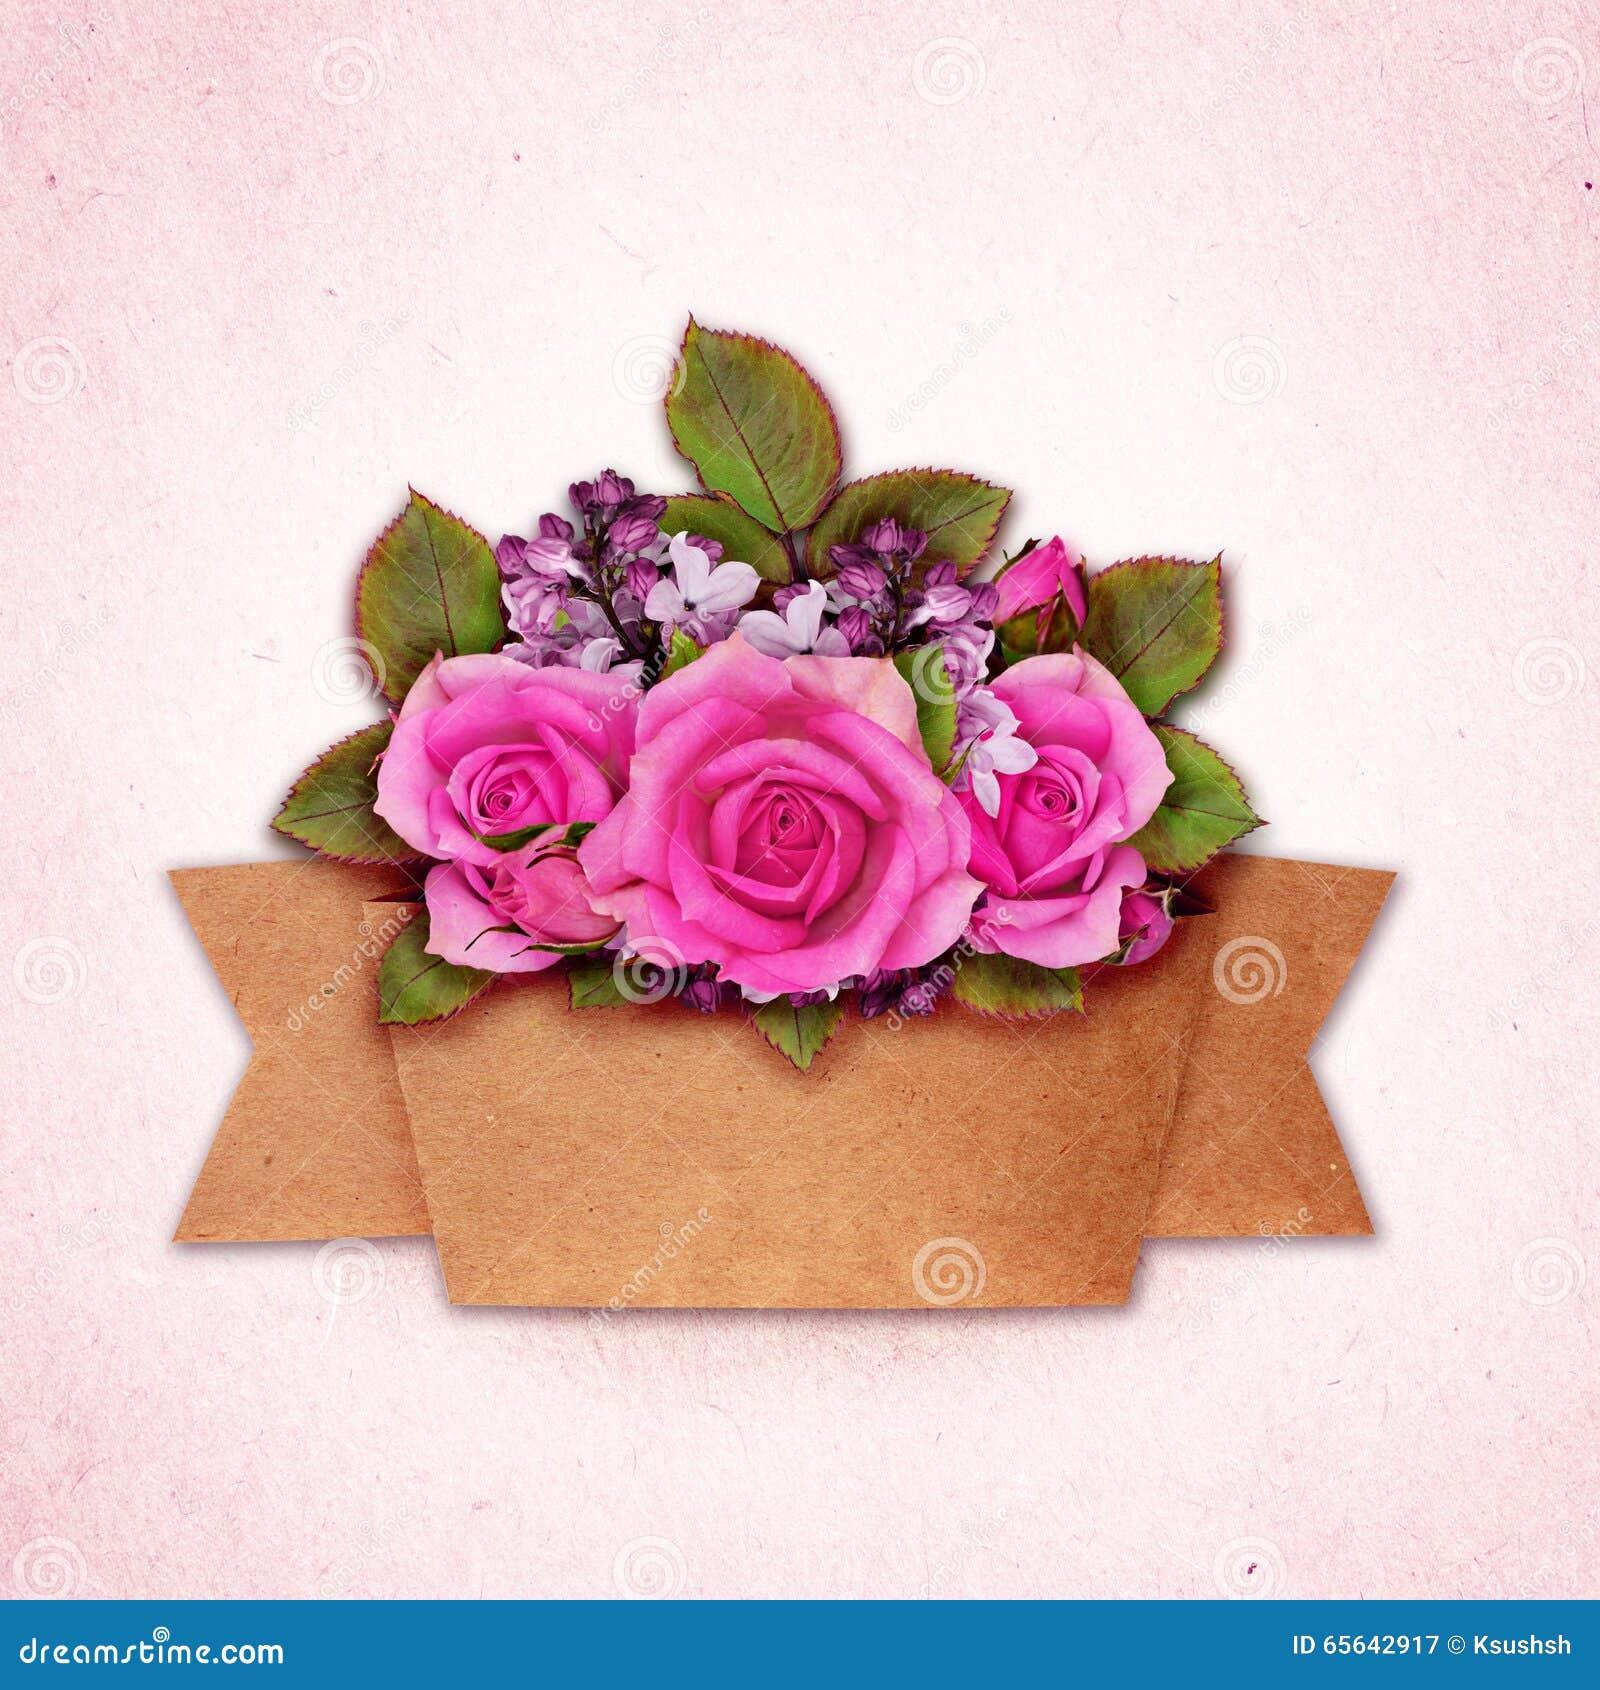 Le bouquet de fleurs de Rose et de lilas avec le métier empaquettent le ruban